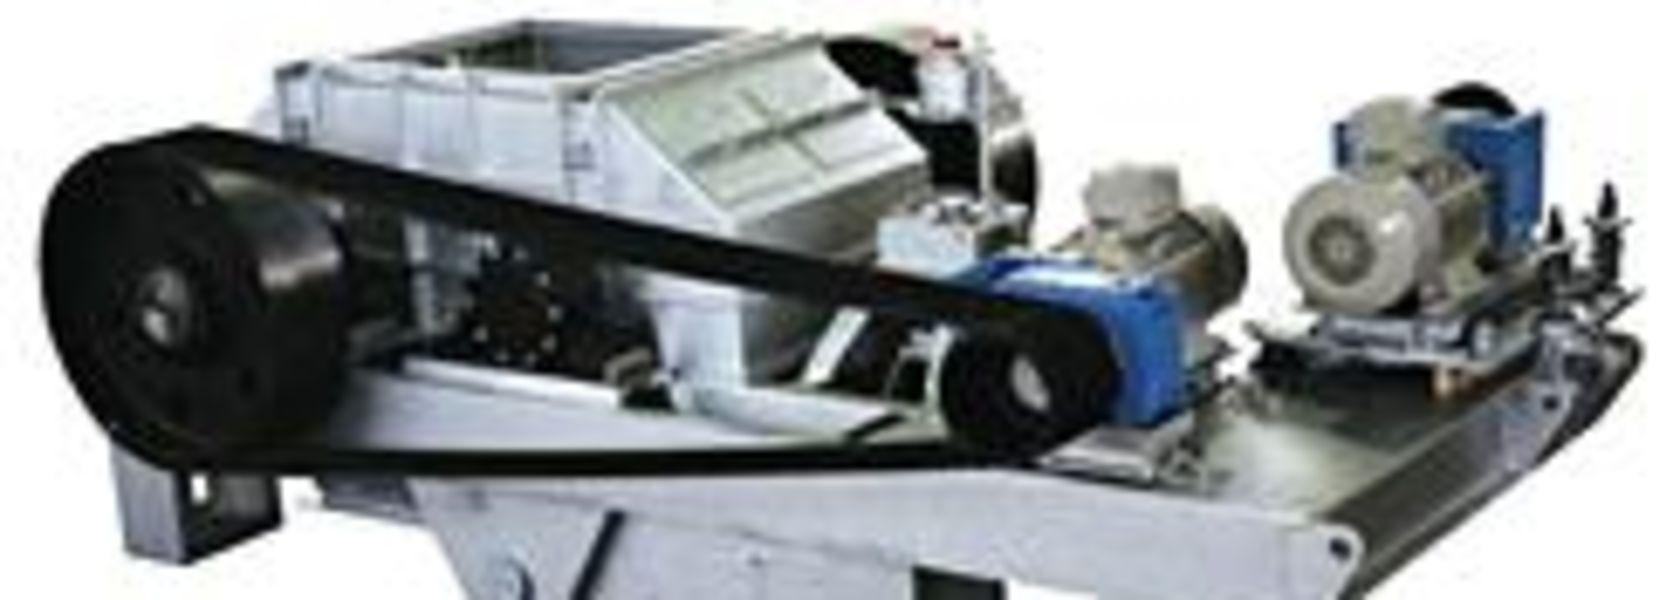 Sandvik to acquire German crusher specialist - MiningMonthly com